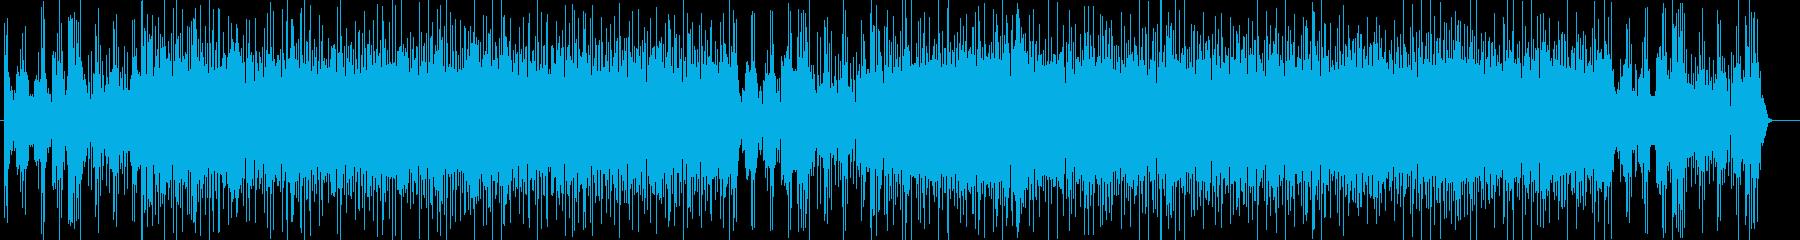 渋谷系acid jazzオルガンファンクの再生済みの波形